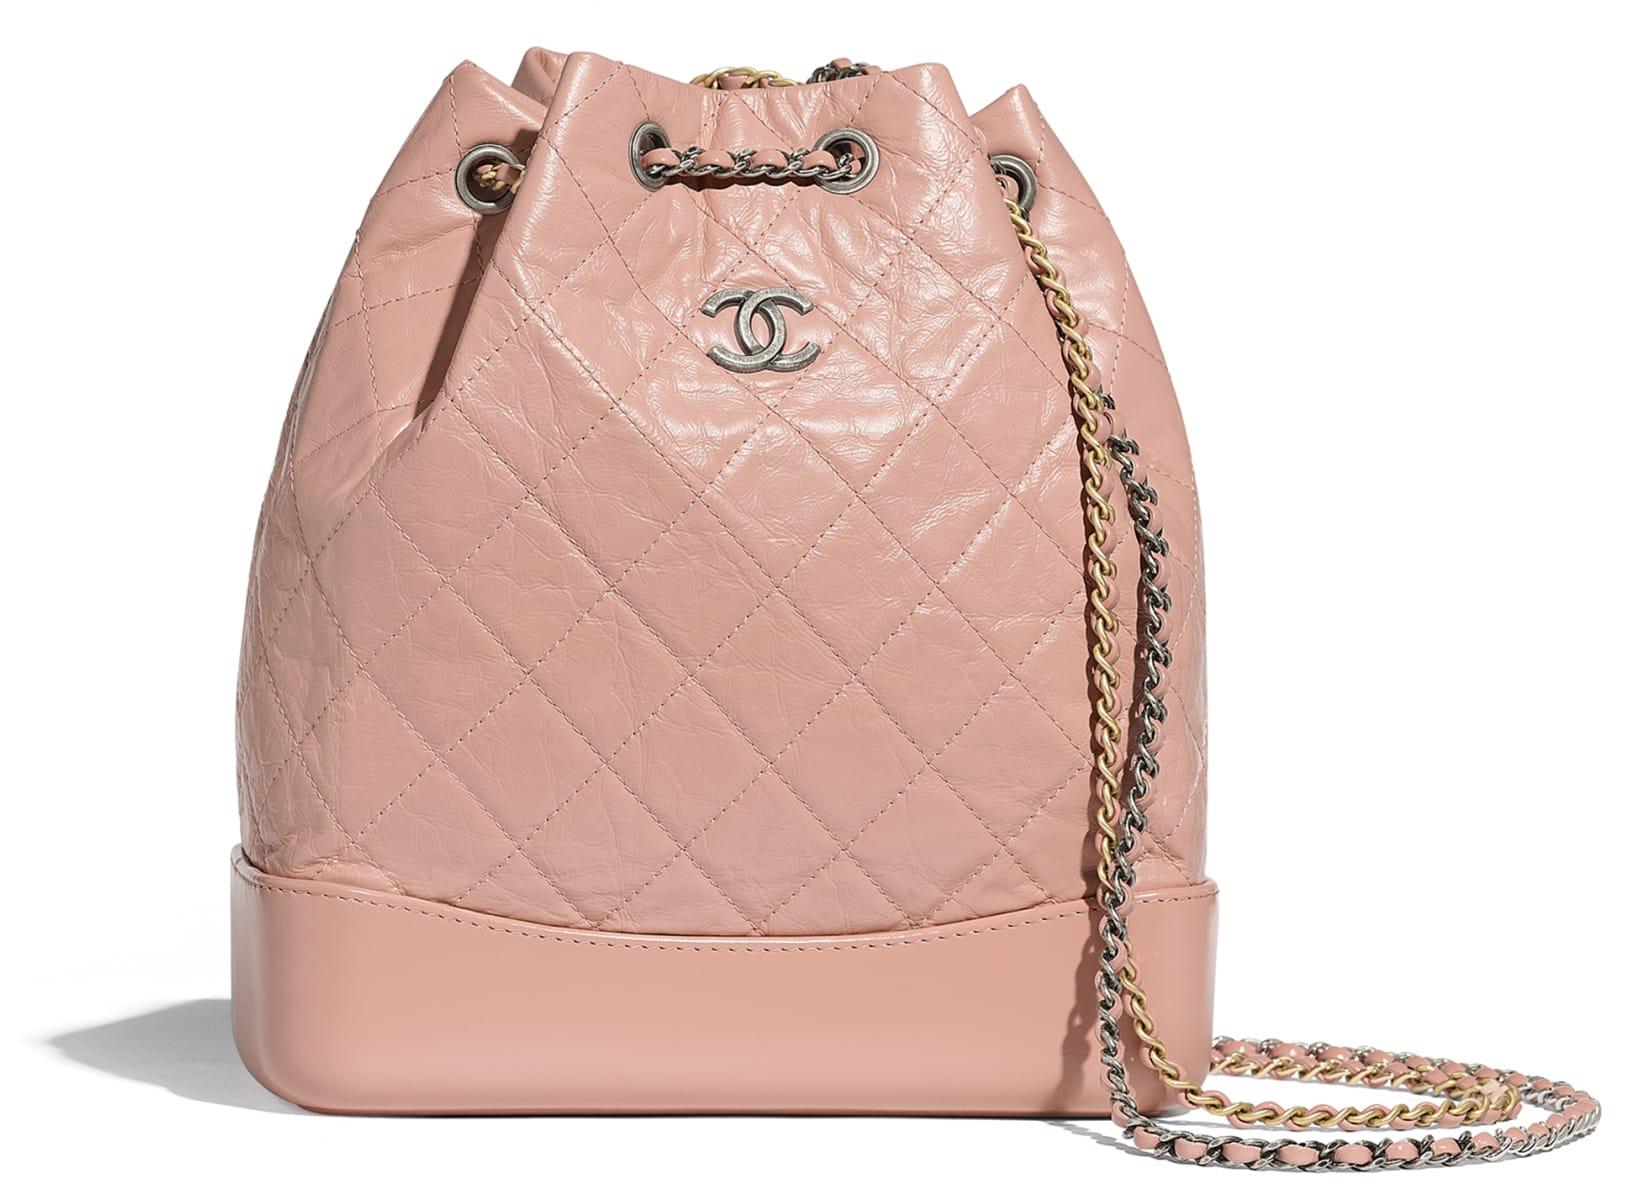 Zaino rosa in pelle invecchiata Chanel a 3400 euro